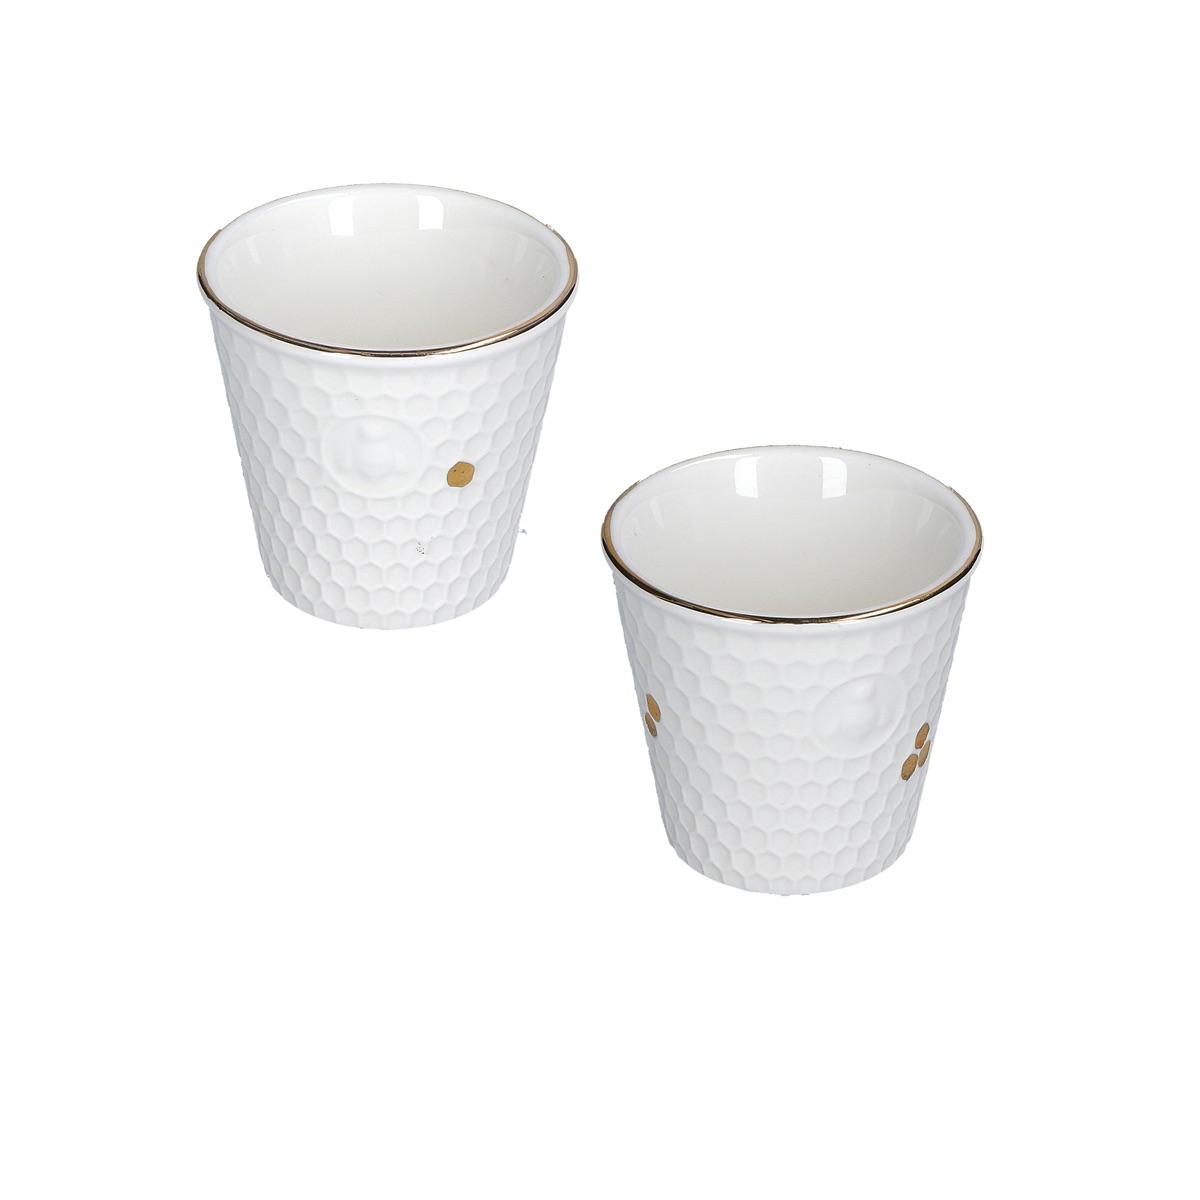 Aperegina oro Set 2 bicchierini caffè cc 75